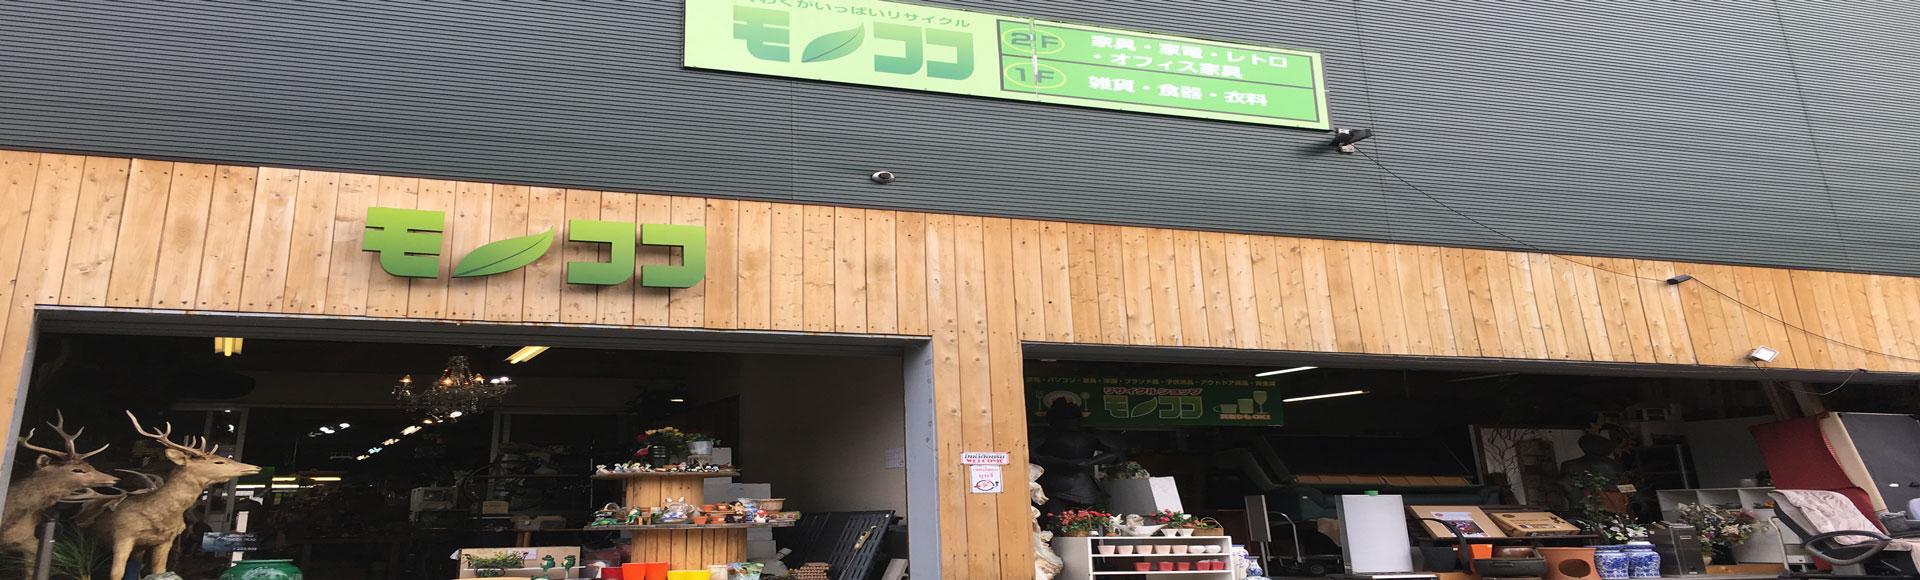 円山でわくわく!大型リサイクルショップ!